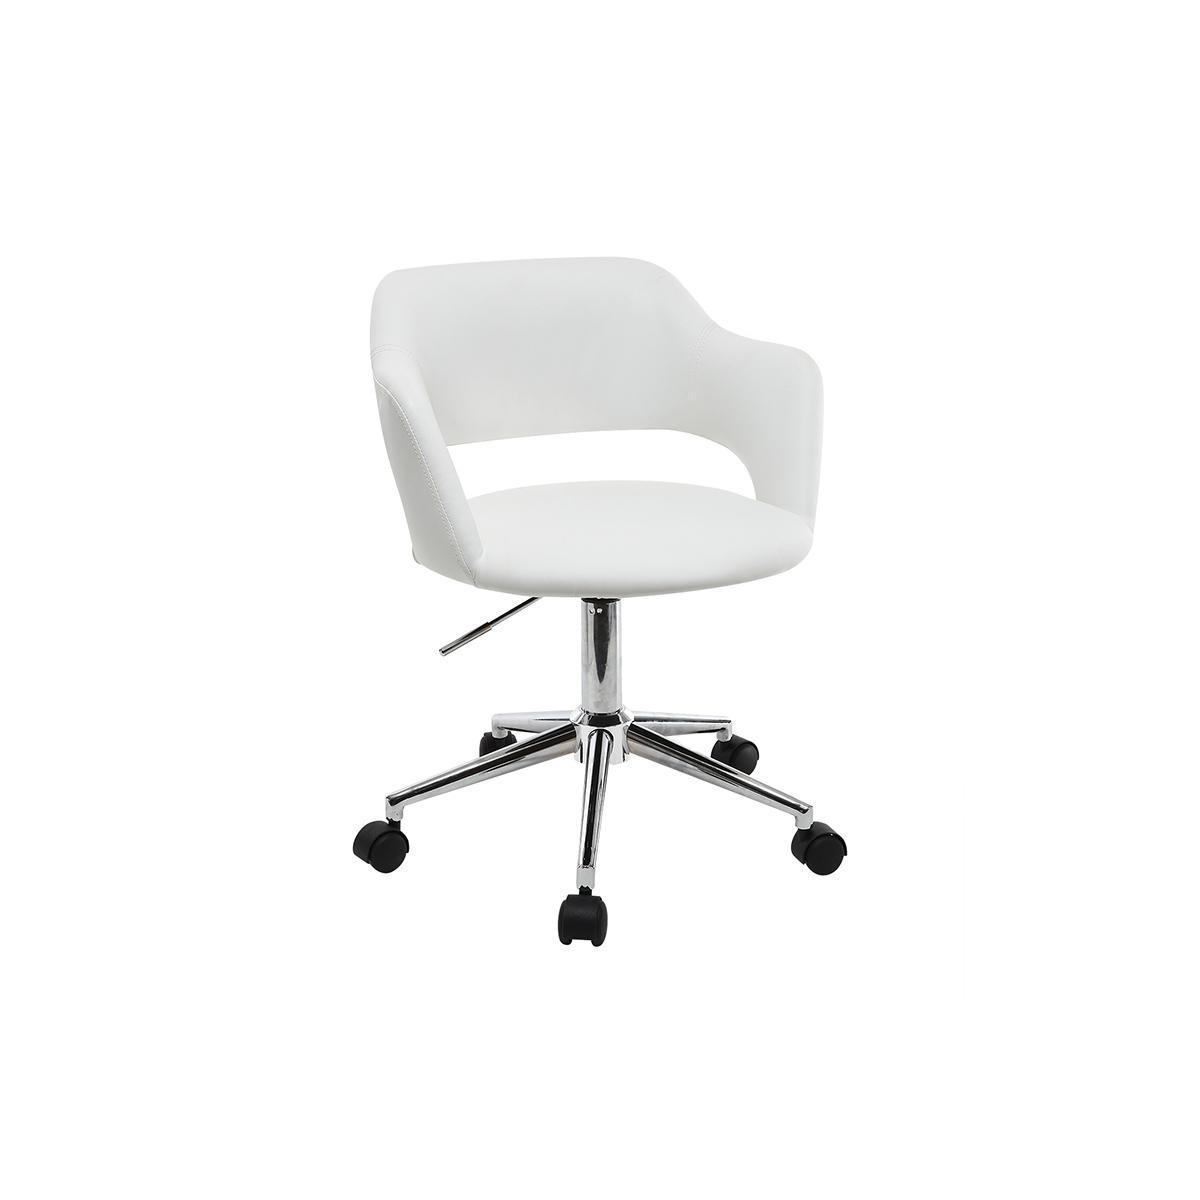 Miliboo Fauteuil de bureau design blanc JESSY